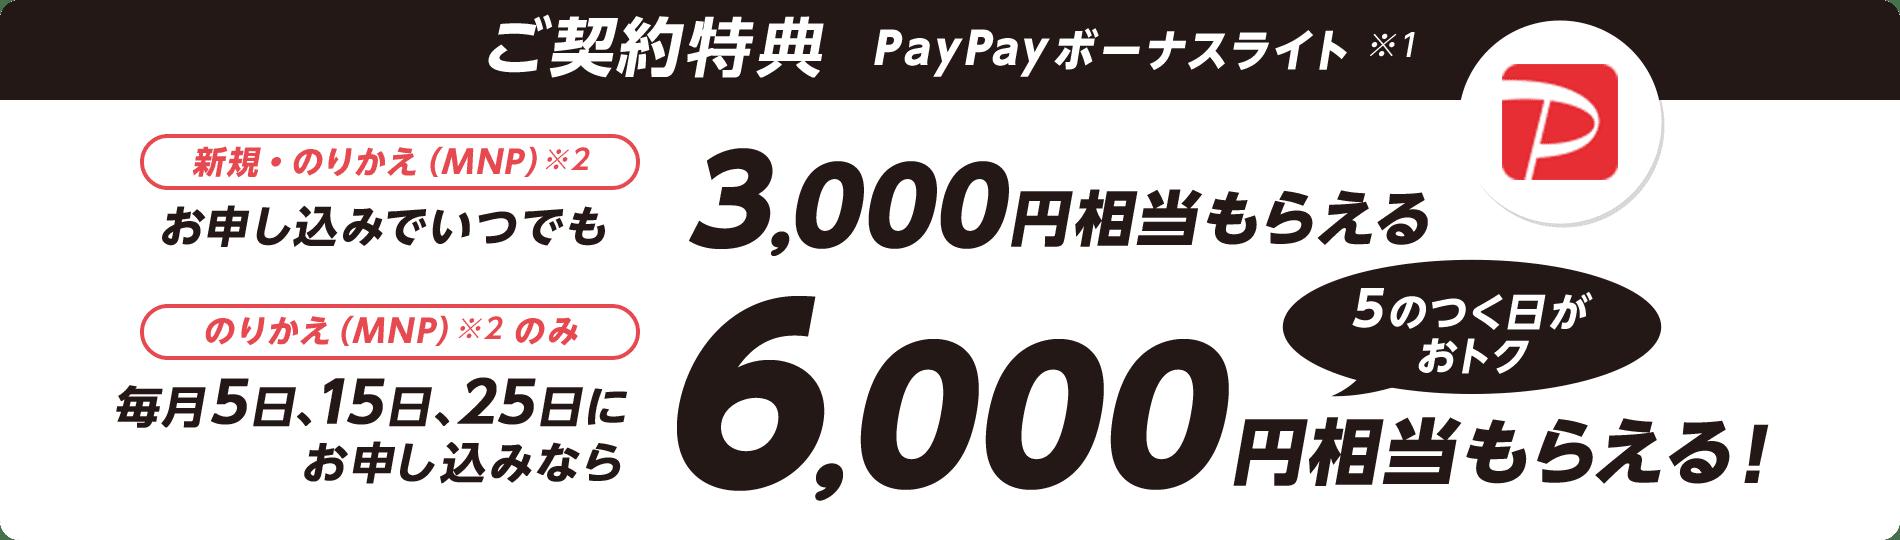 ご契約特典 PayPayボーナスライト※1 新規・のりかえ(MNP)※2 お申し込みでいつでも3,000円相当もらえる のりかえ(MNP)※2 のみ 毎月5日、15日、25日にお申し込みなら6,000円相当もらえる! 5のつく日がおトク